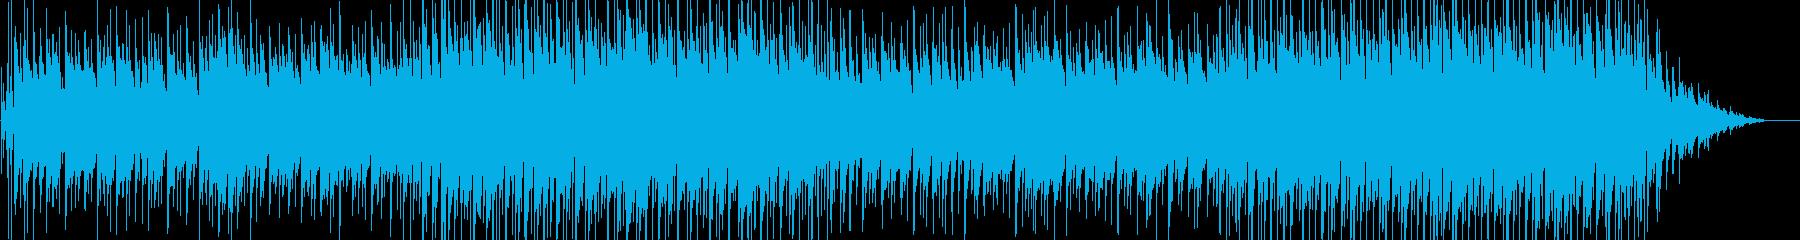 ハワイやカリブ海のスローな雰囲気の曲の再生済みの波形